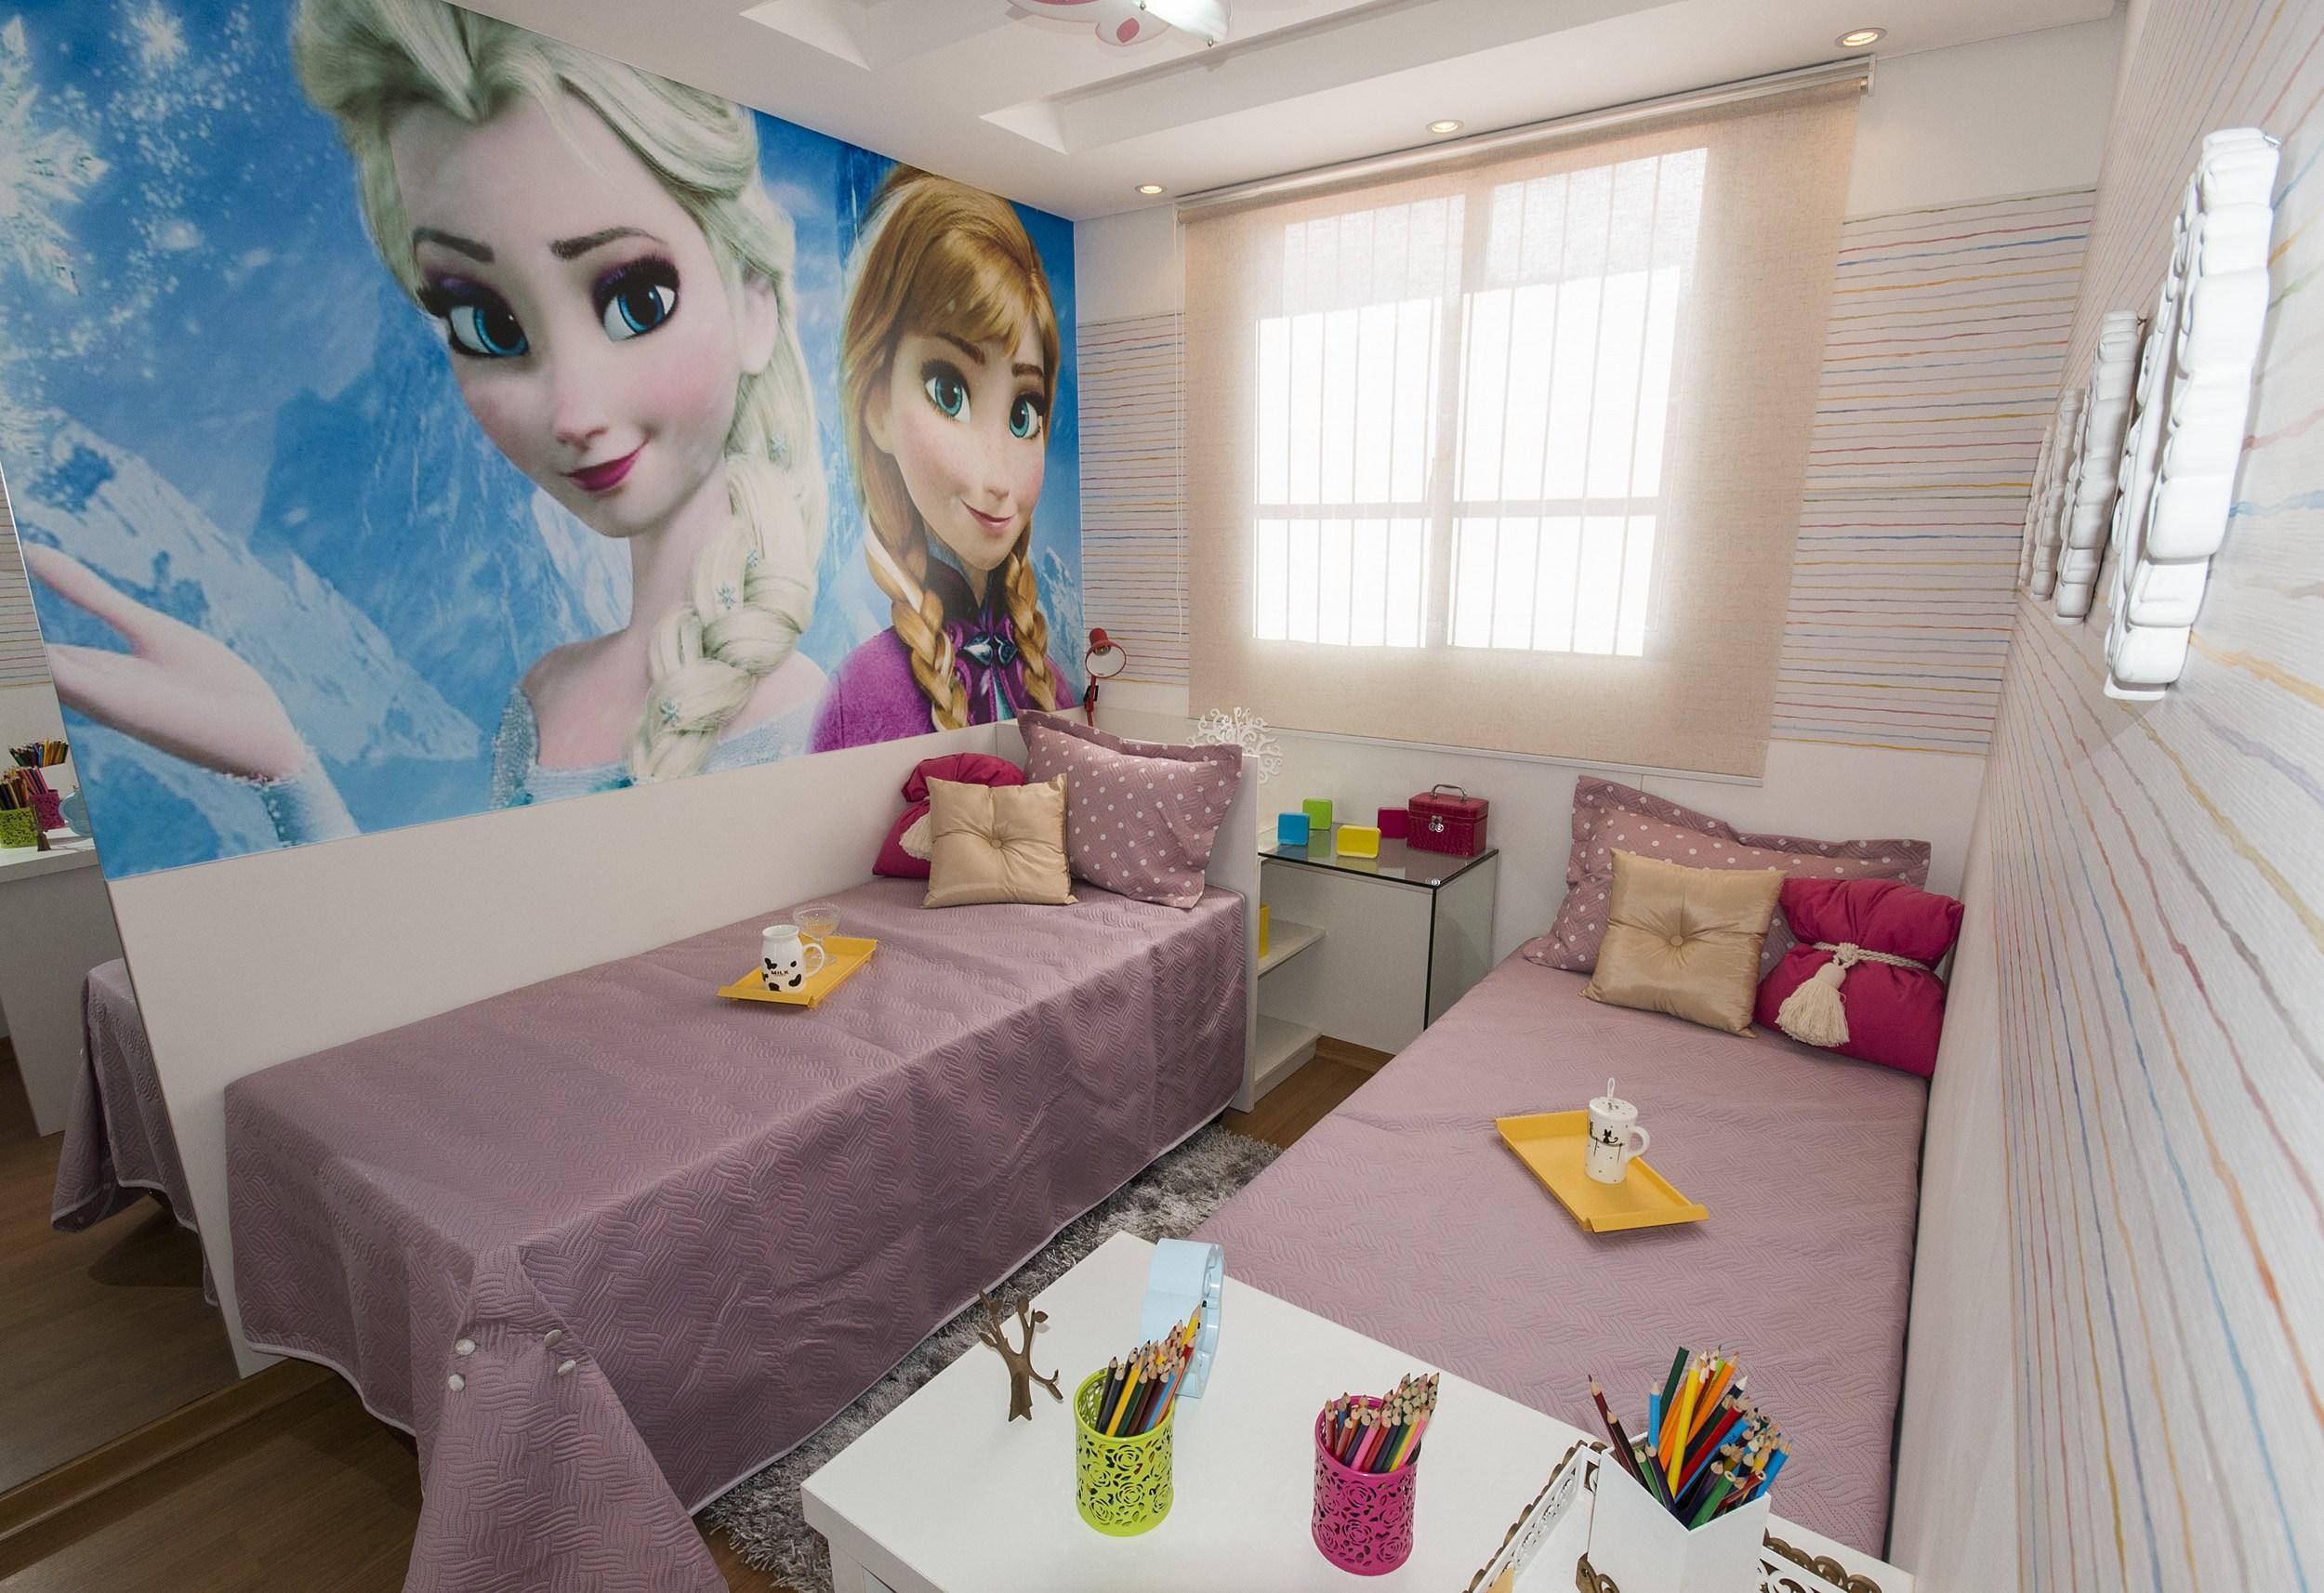 Decoração linda para quarto de menina (Foto: Ilustração)